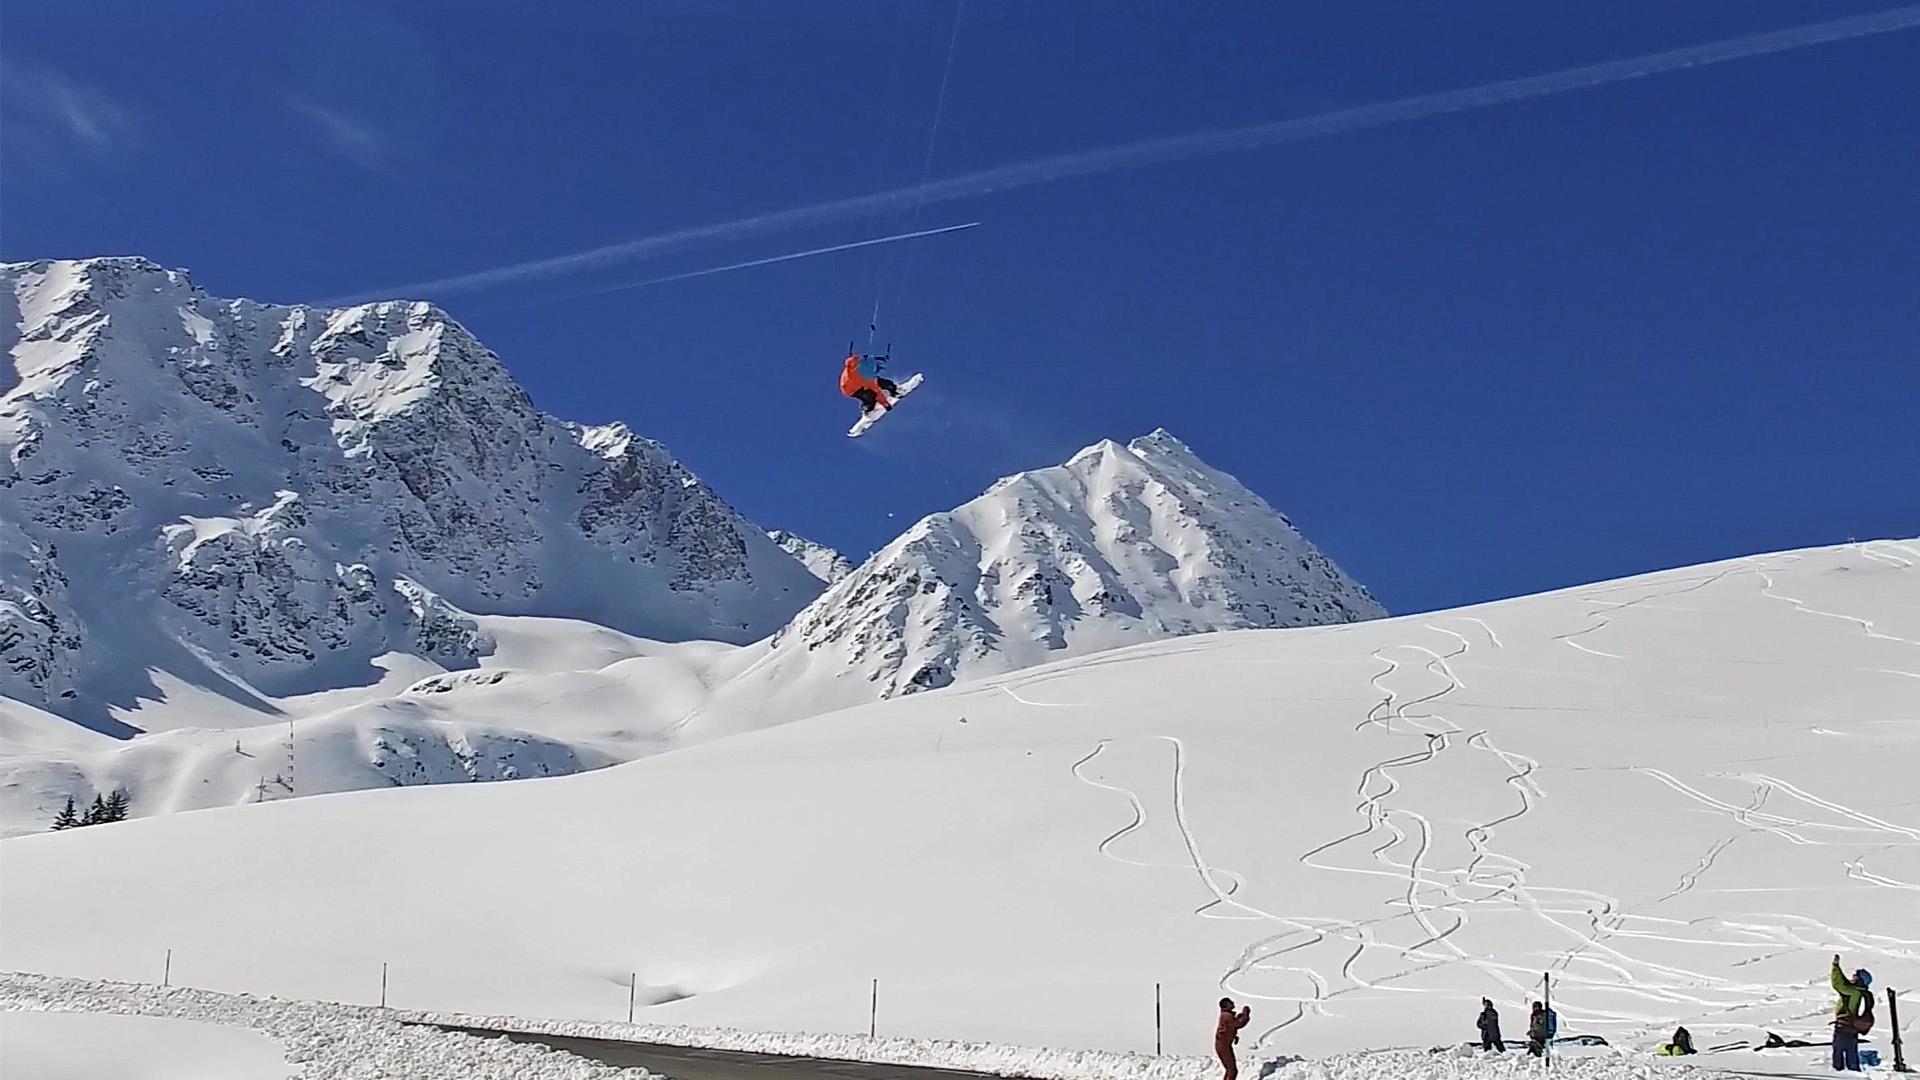 Flysurfer Snow Kiting